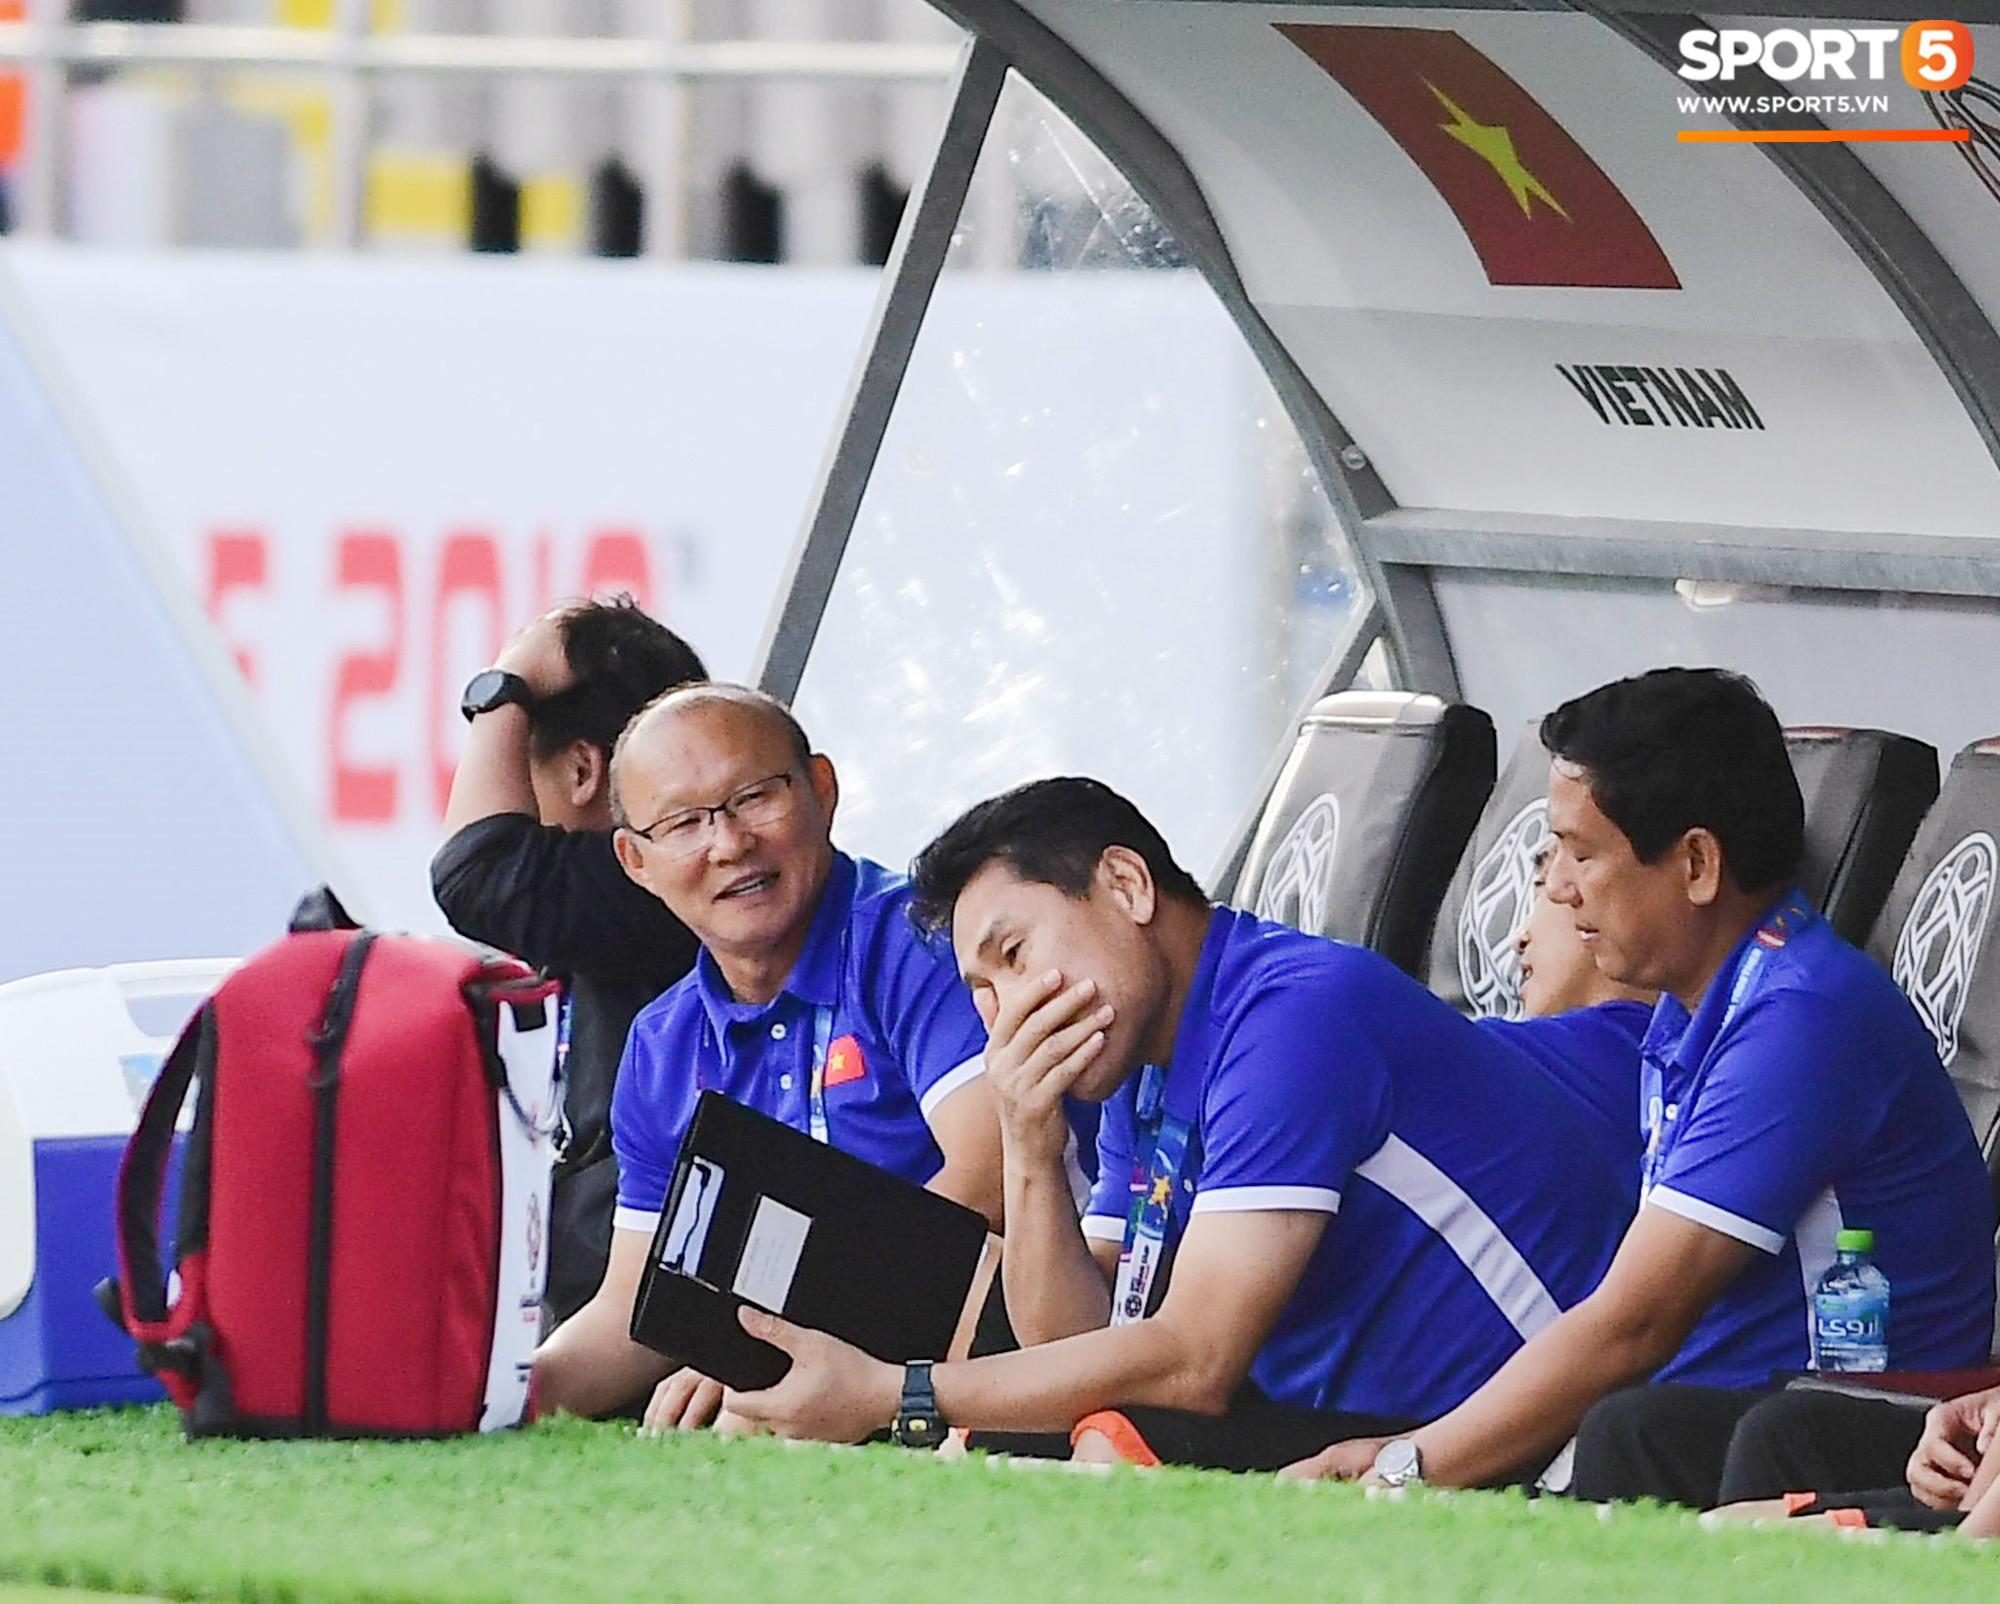 HLV Park Hang-seo nổi nóng với trọng tài, tranh cãi gay gắt với HLV Iran - Ảnh 8.